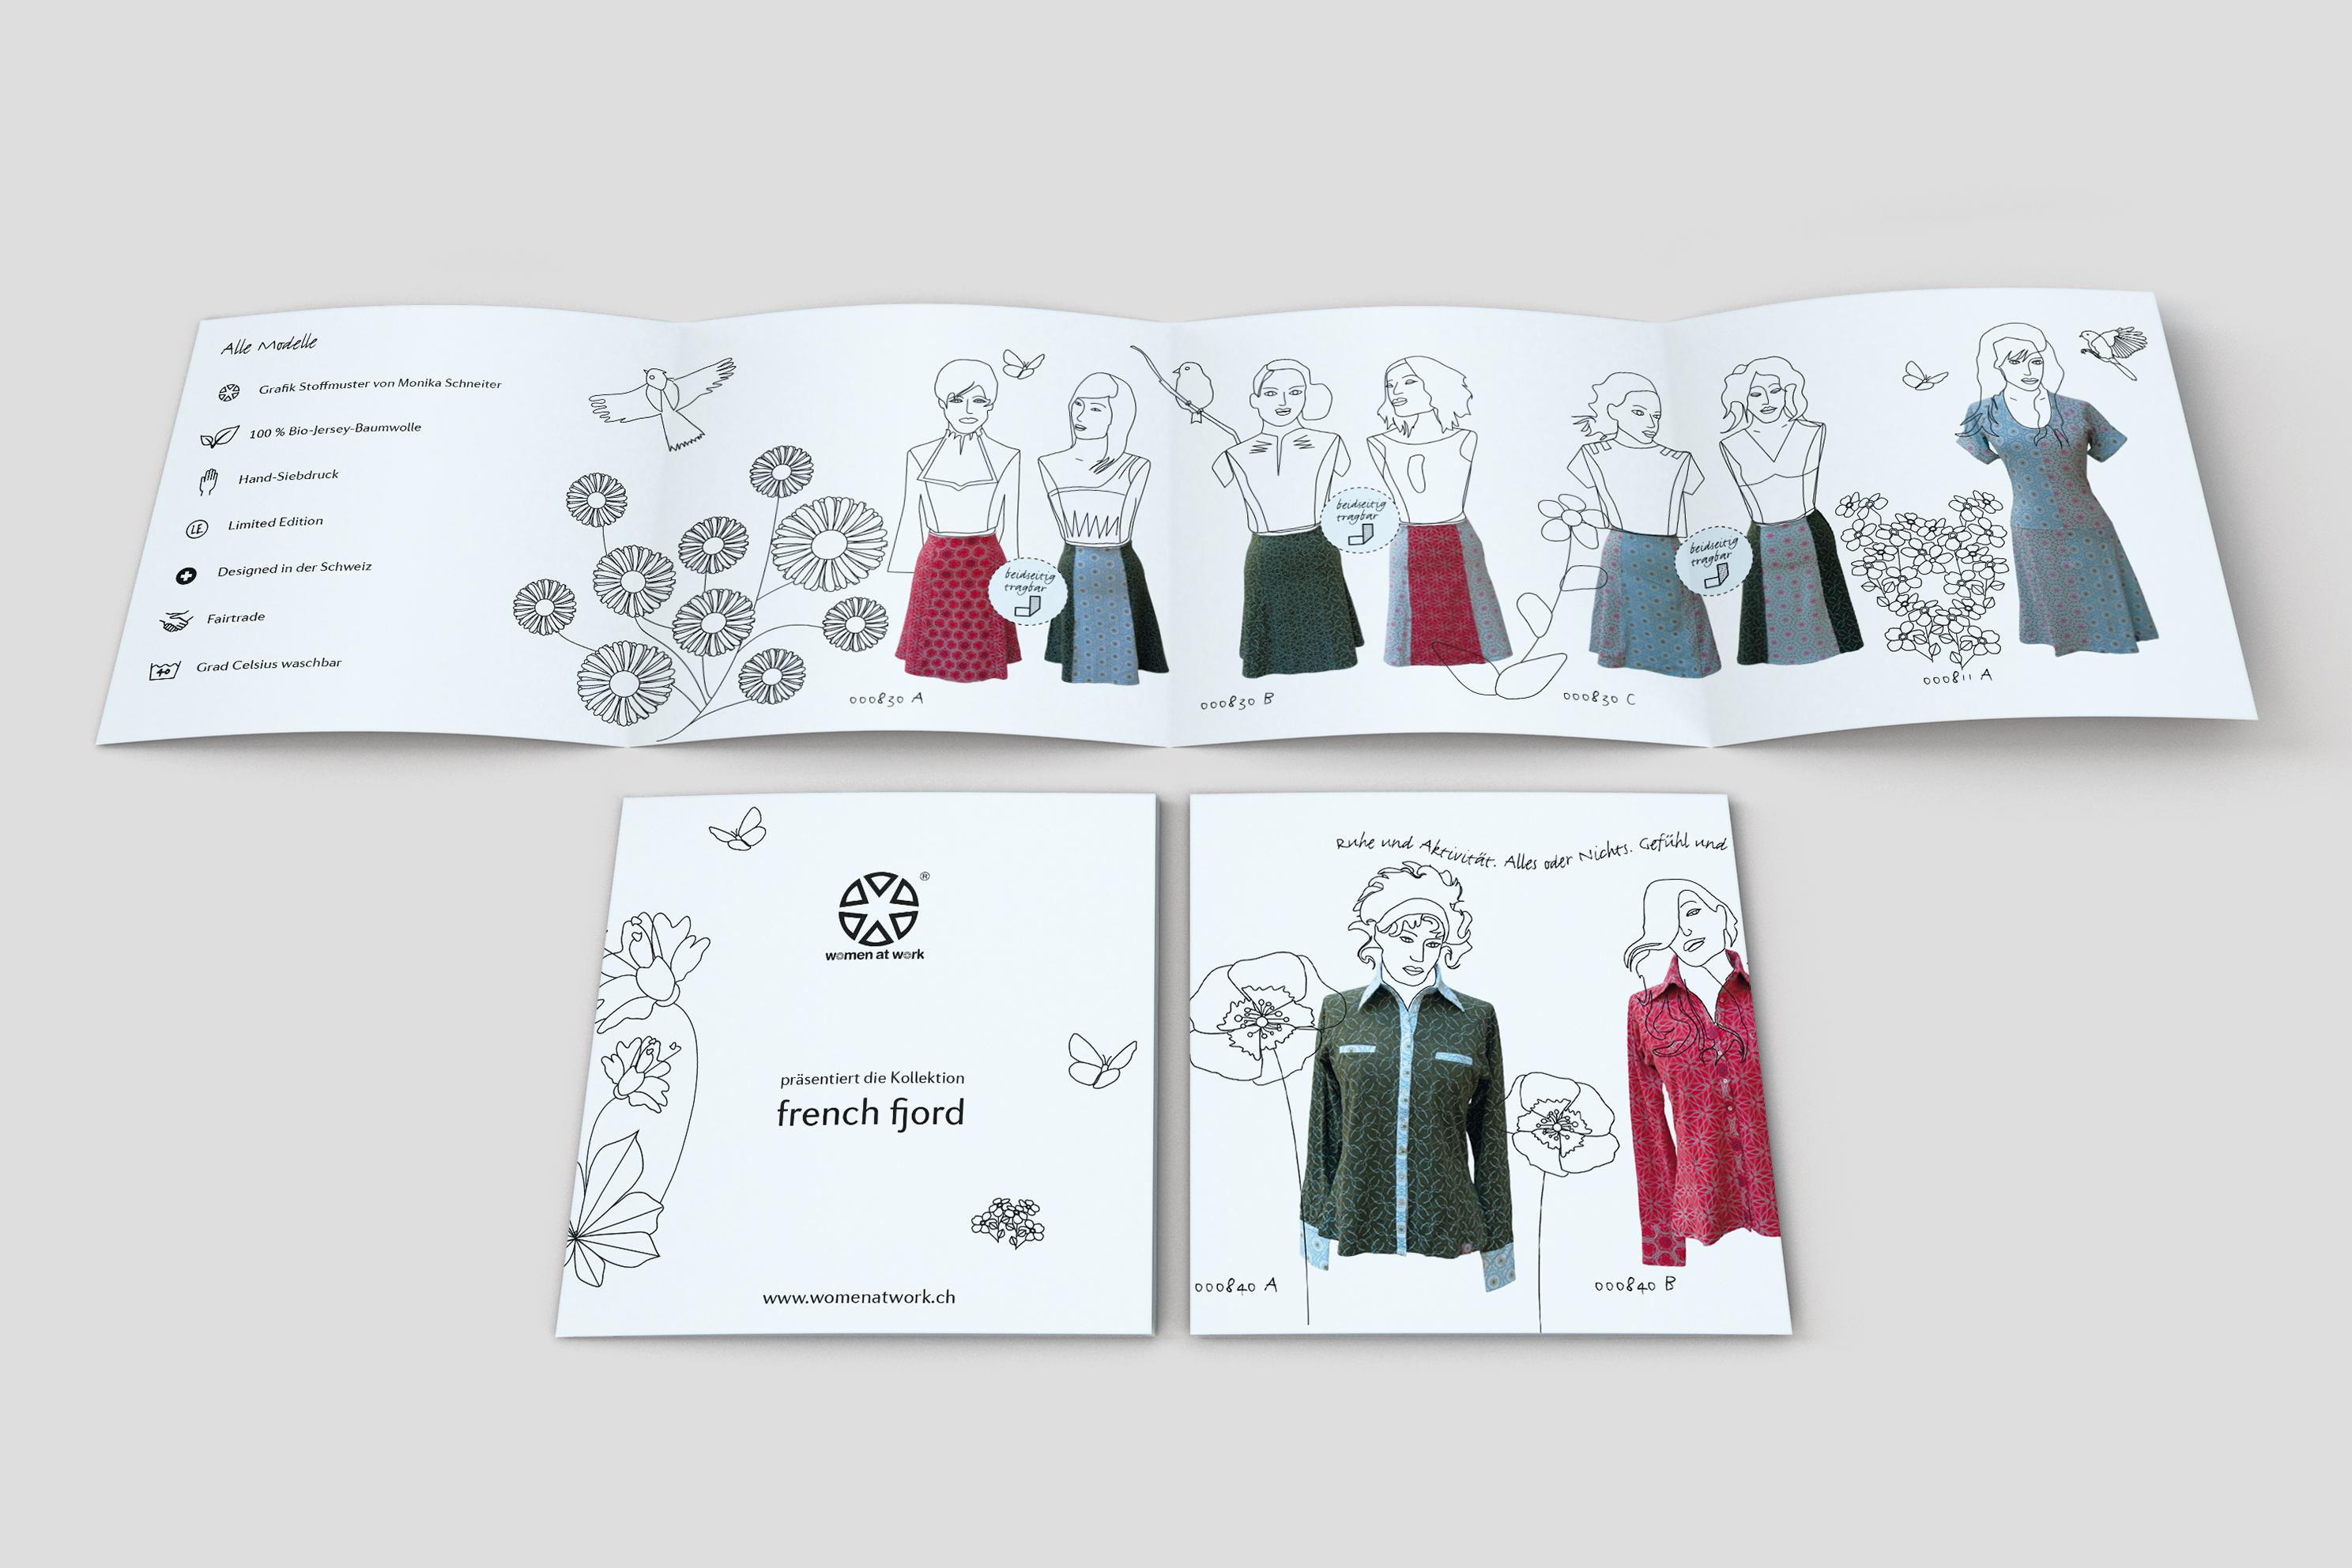 Mit Illustration ins Rampenlicht. Design für Bio Fashion Marke.